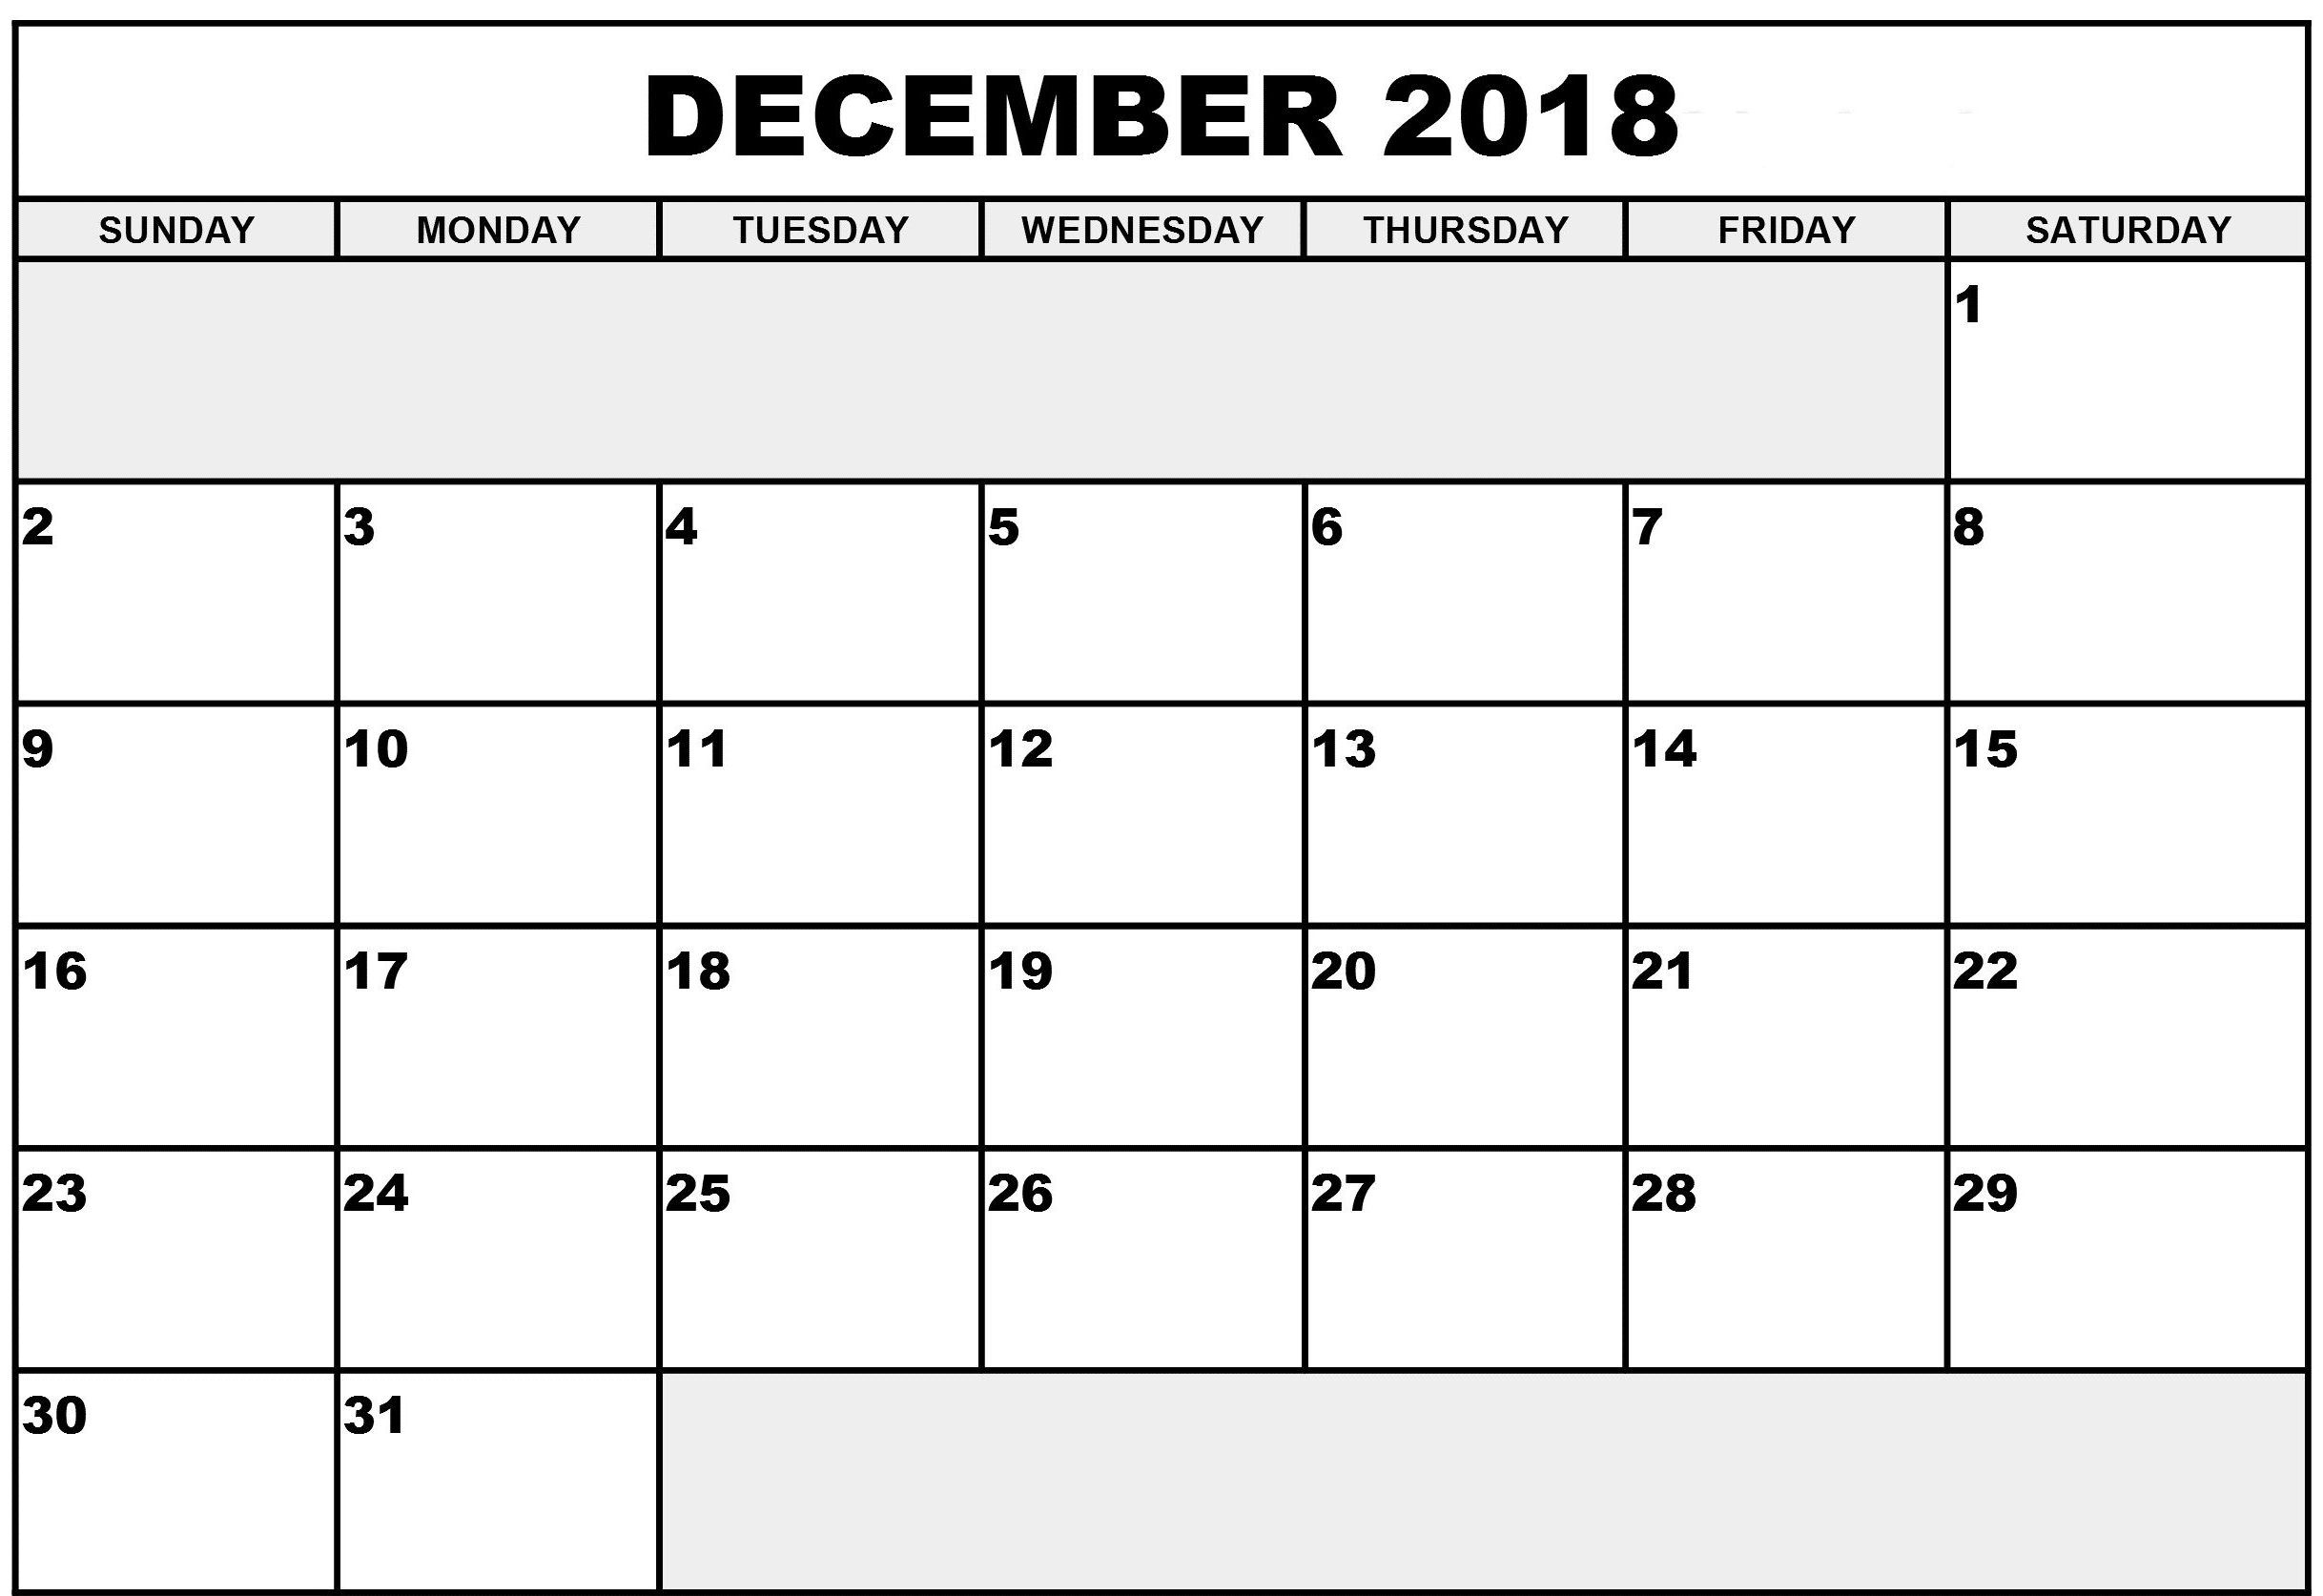 December 2018 Blank Calendar Monthly Templat